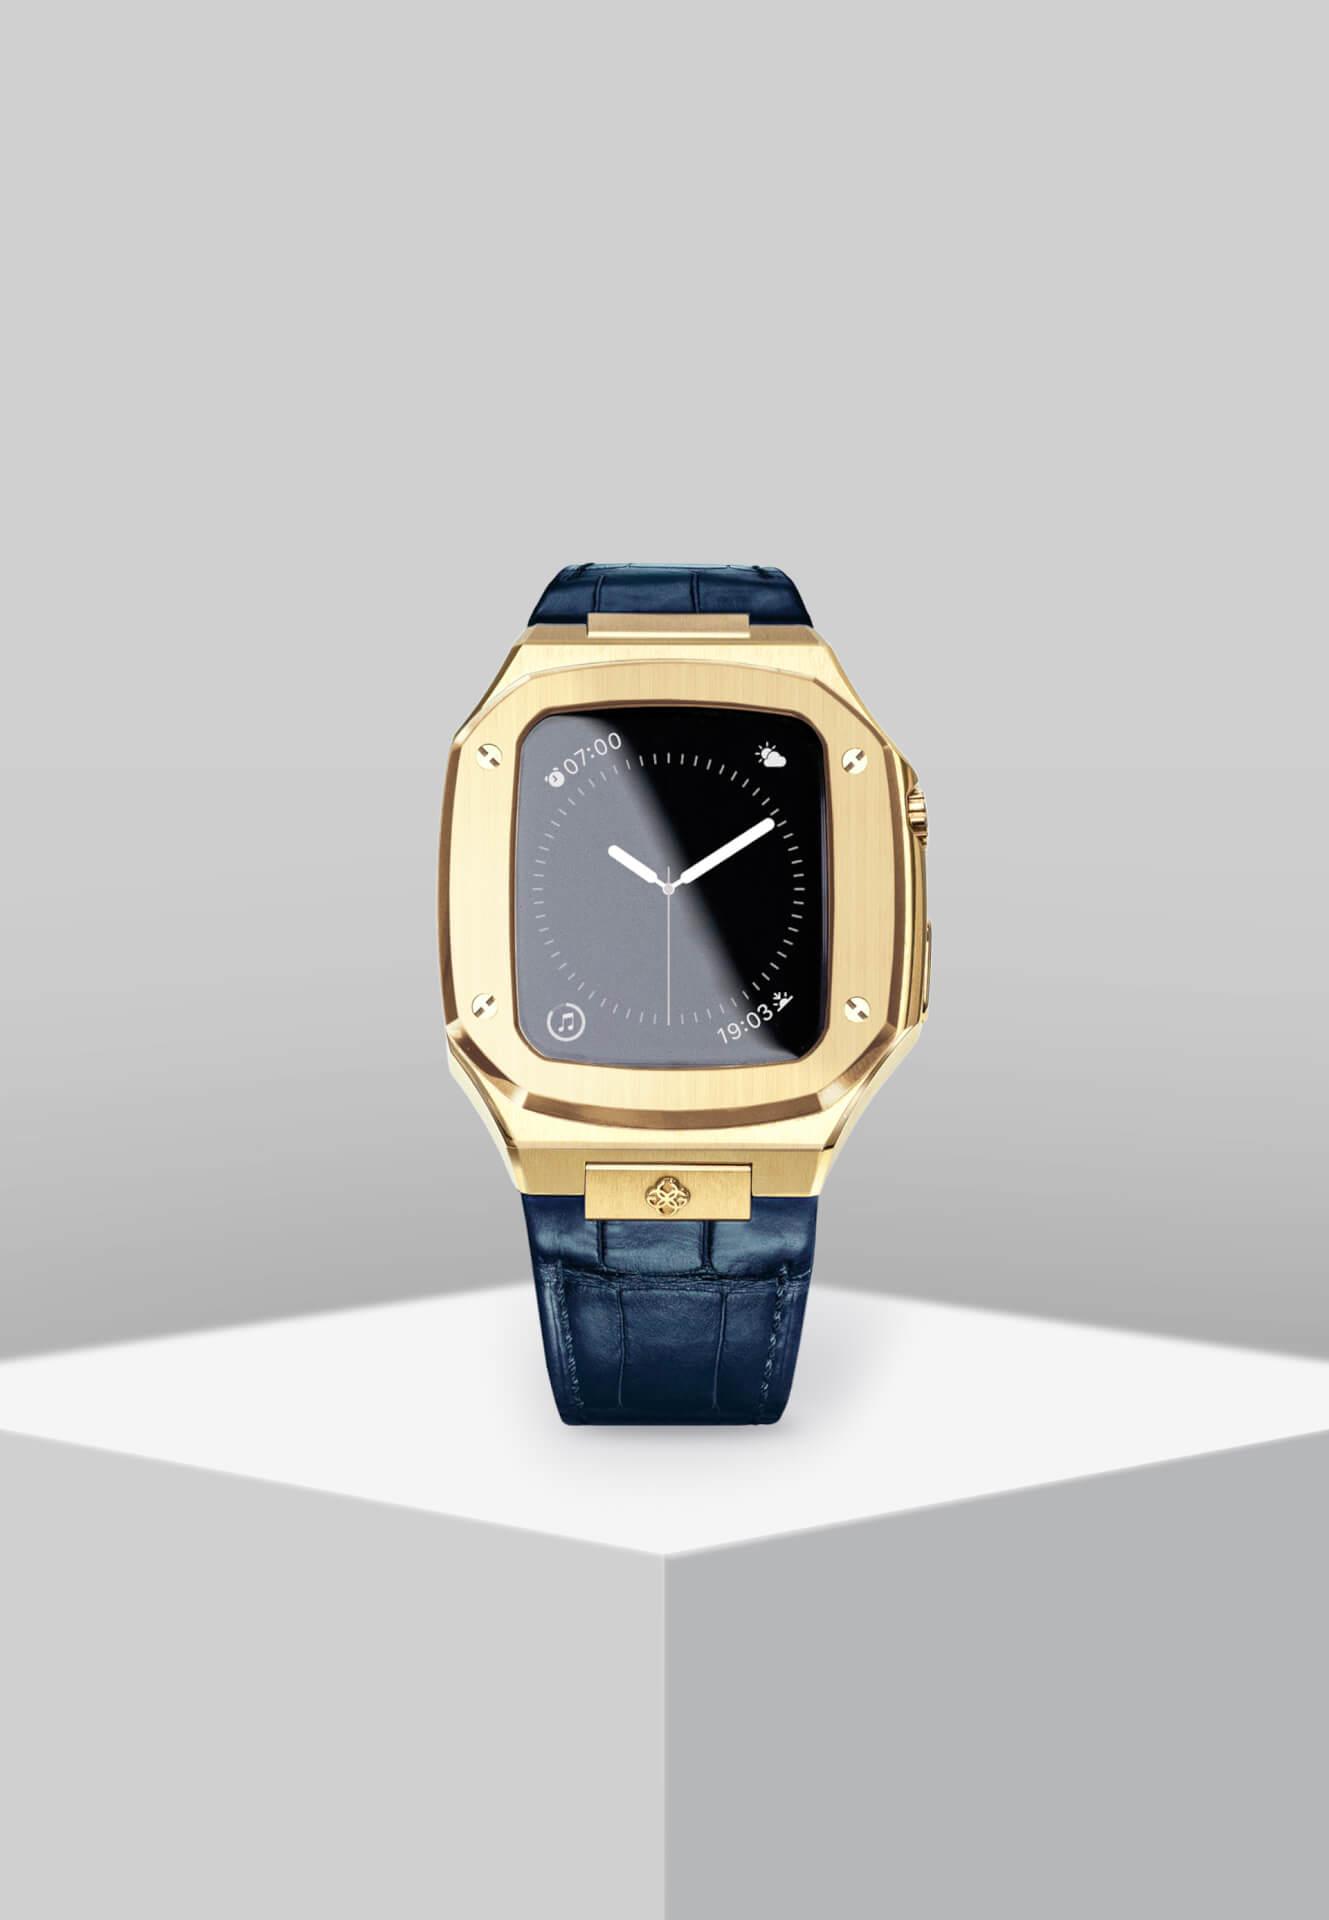 高級感漂うGOLDEN CONCEPTのApple Watchケースに待望の40mm用新コレクションが登場!ホワイト、イエローなどの新カラーがラインナップ tech201124_applewatch_case_4